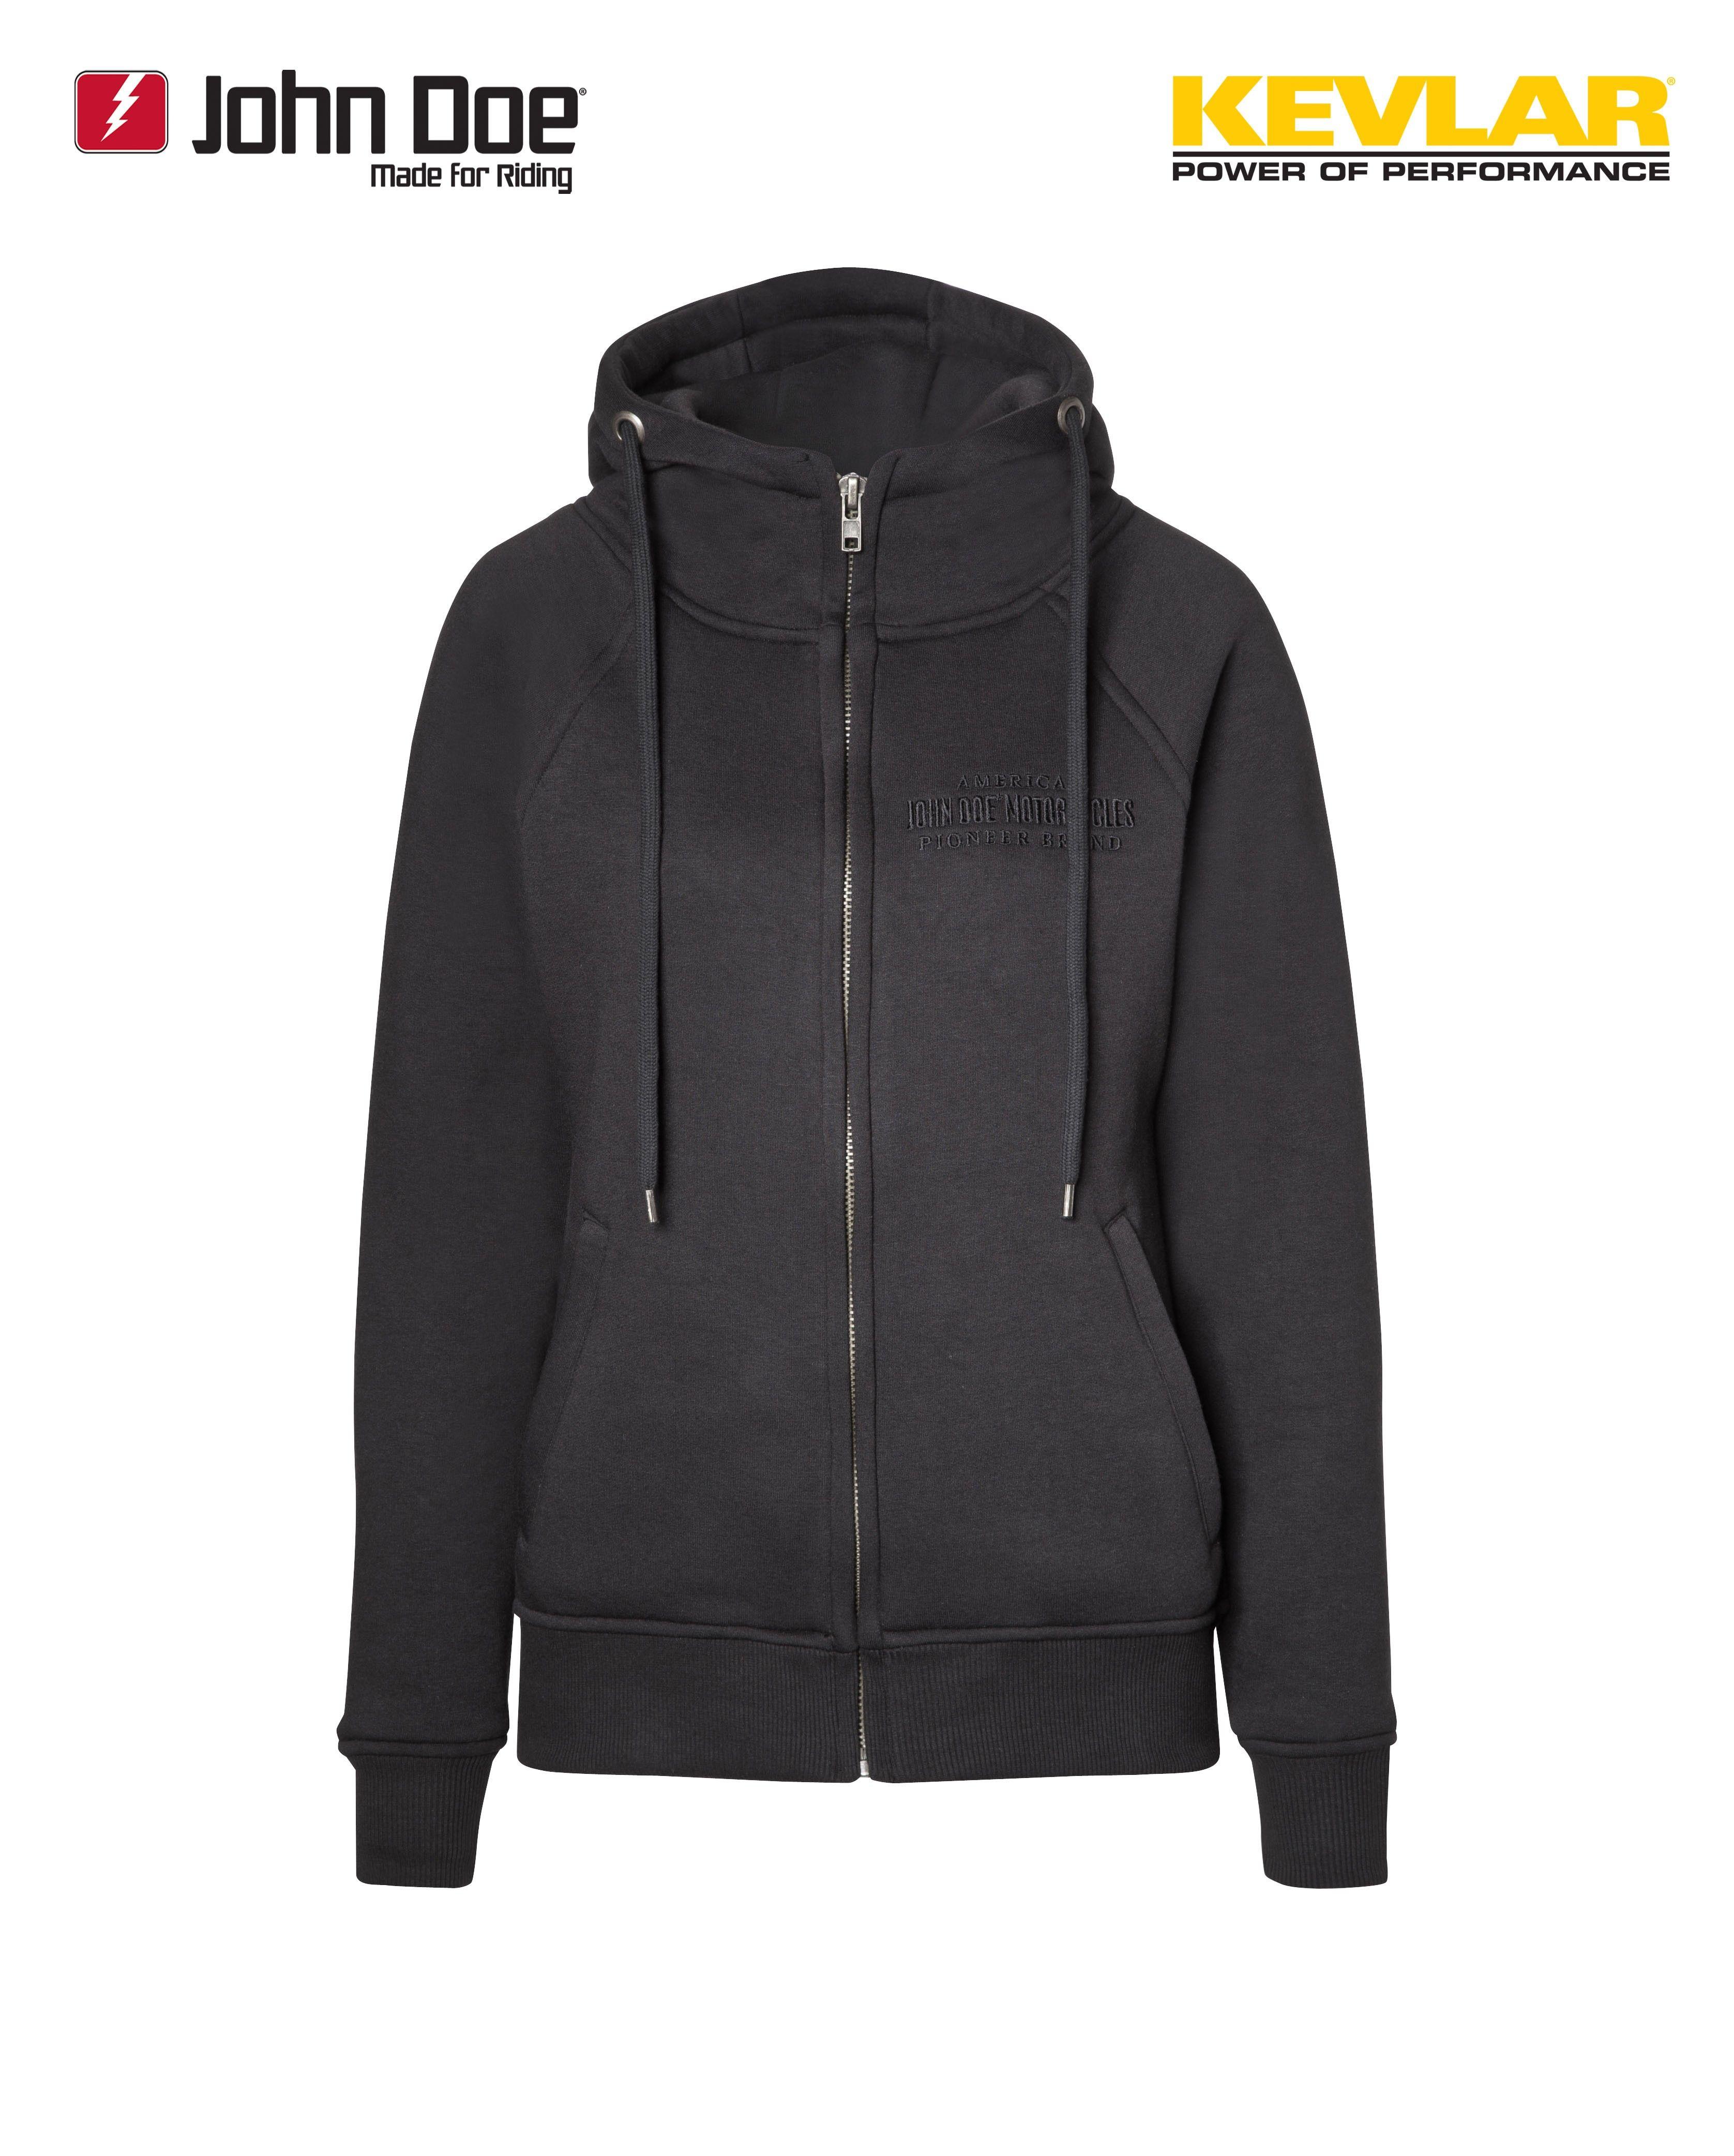 john doe - kevlar hoodie